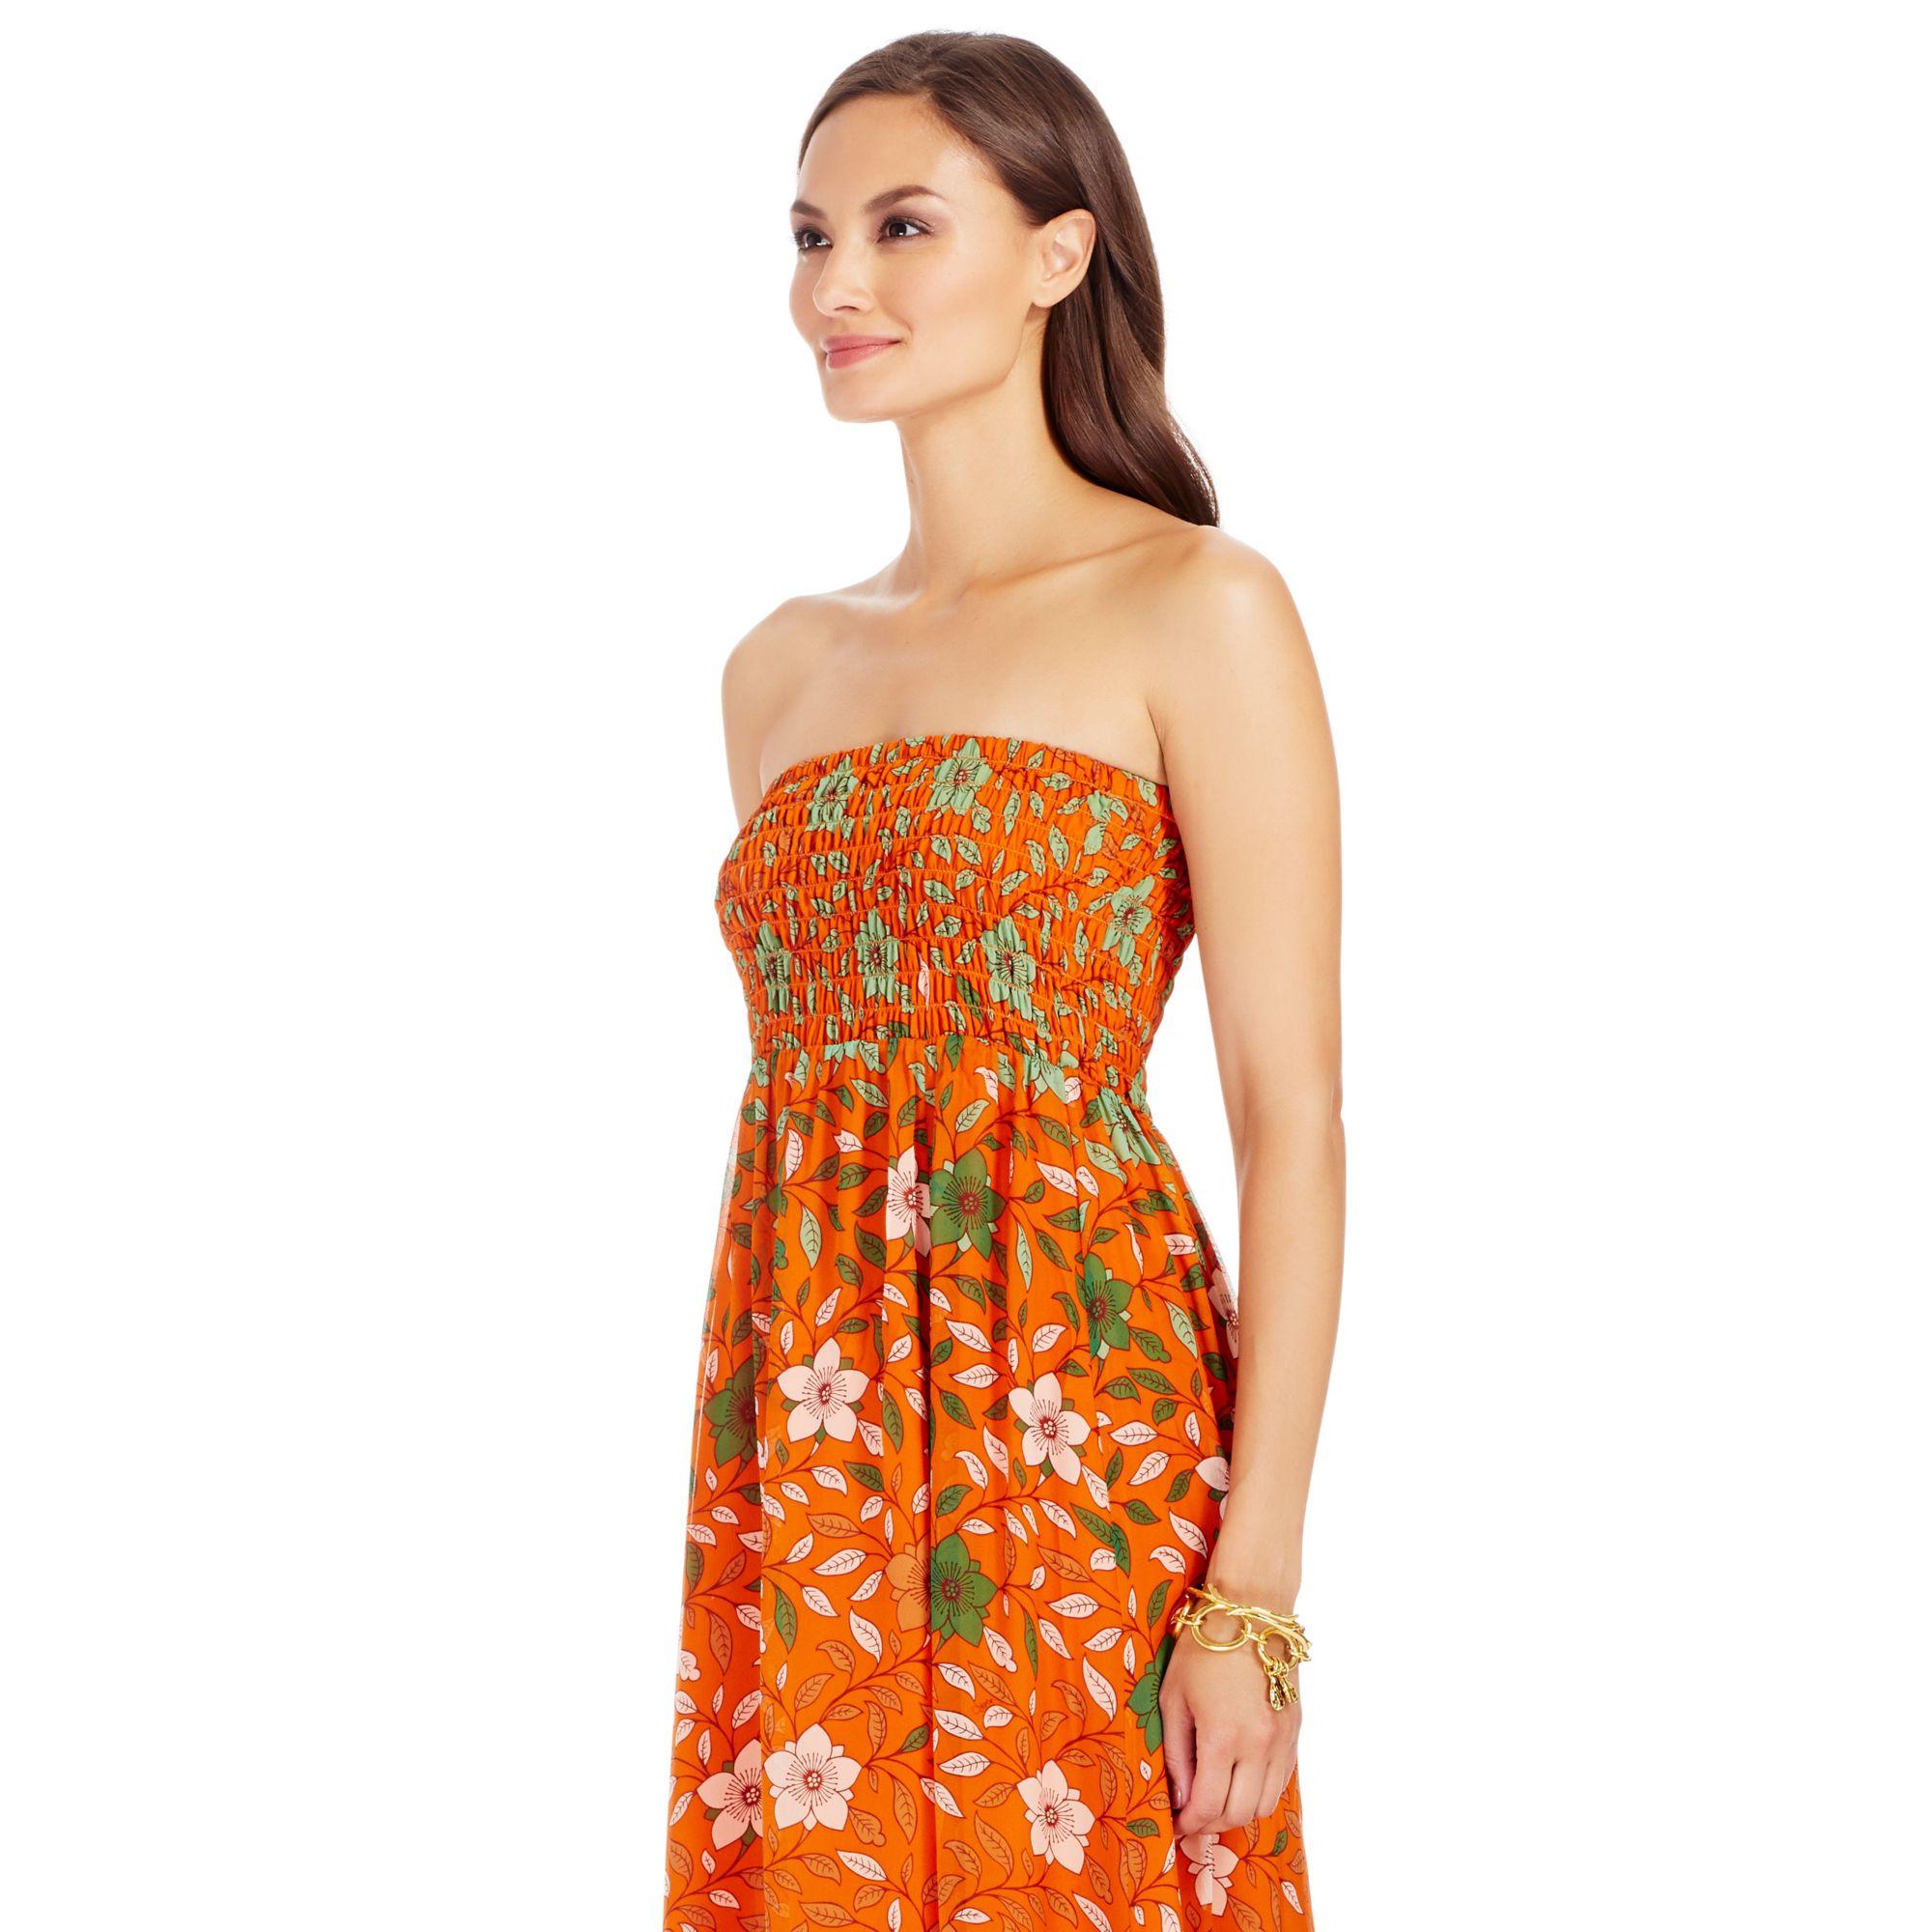 lyst diane von furstenberg dvf hannah strapless chiffon maxi dress in orange. Black Bedroom Furniture Sets. Home Design Ideas